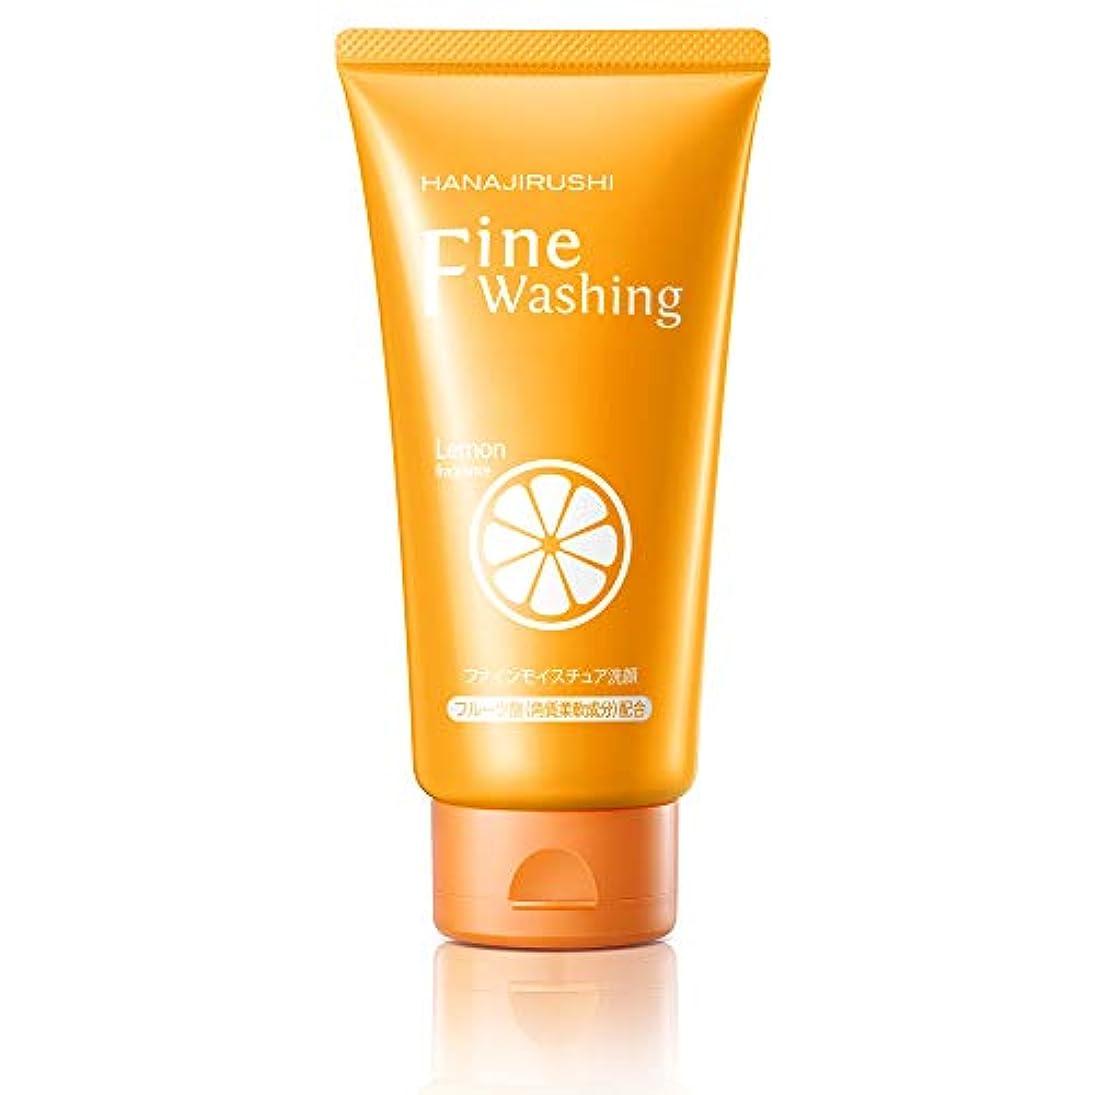 カーフドーム未払い花印ビタミンC誘導体配合ホワイト洗顔フォーム120g シミ?くすみ対策